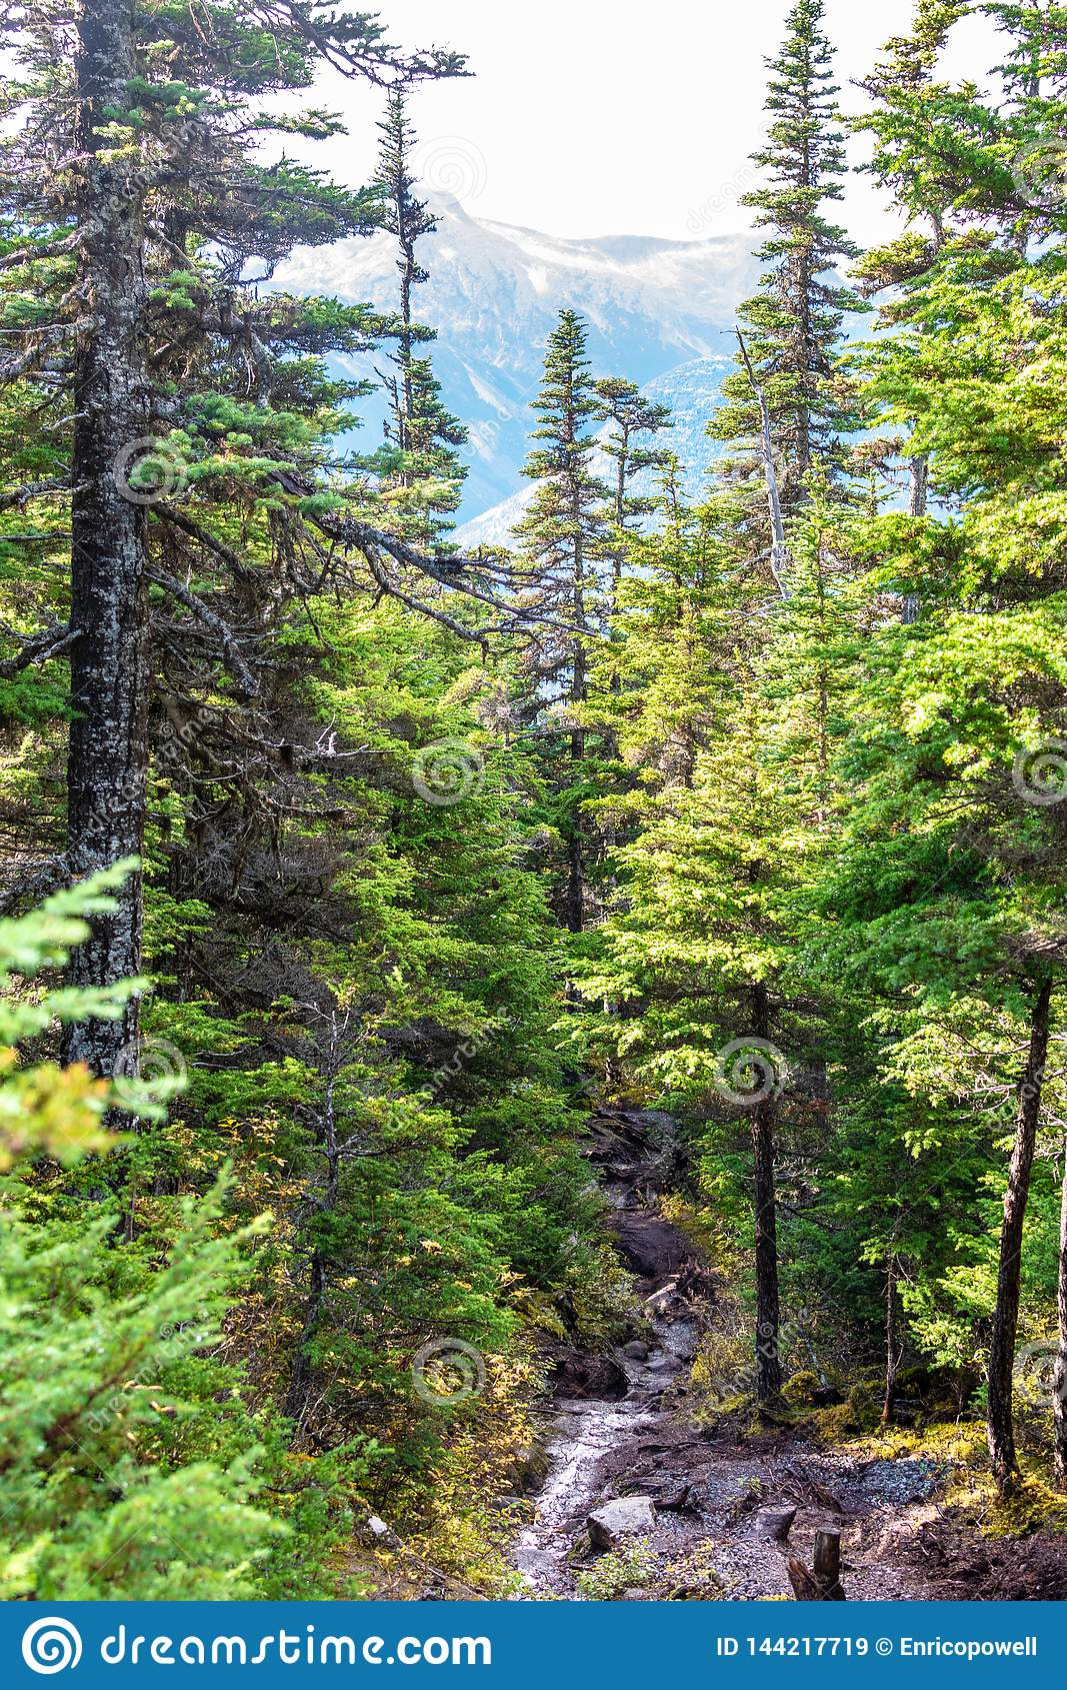 Opinión del paisaje de una corriente rodeada por los árboles y las montañas alpinos en el fondo